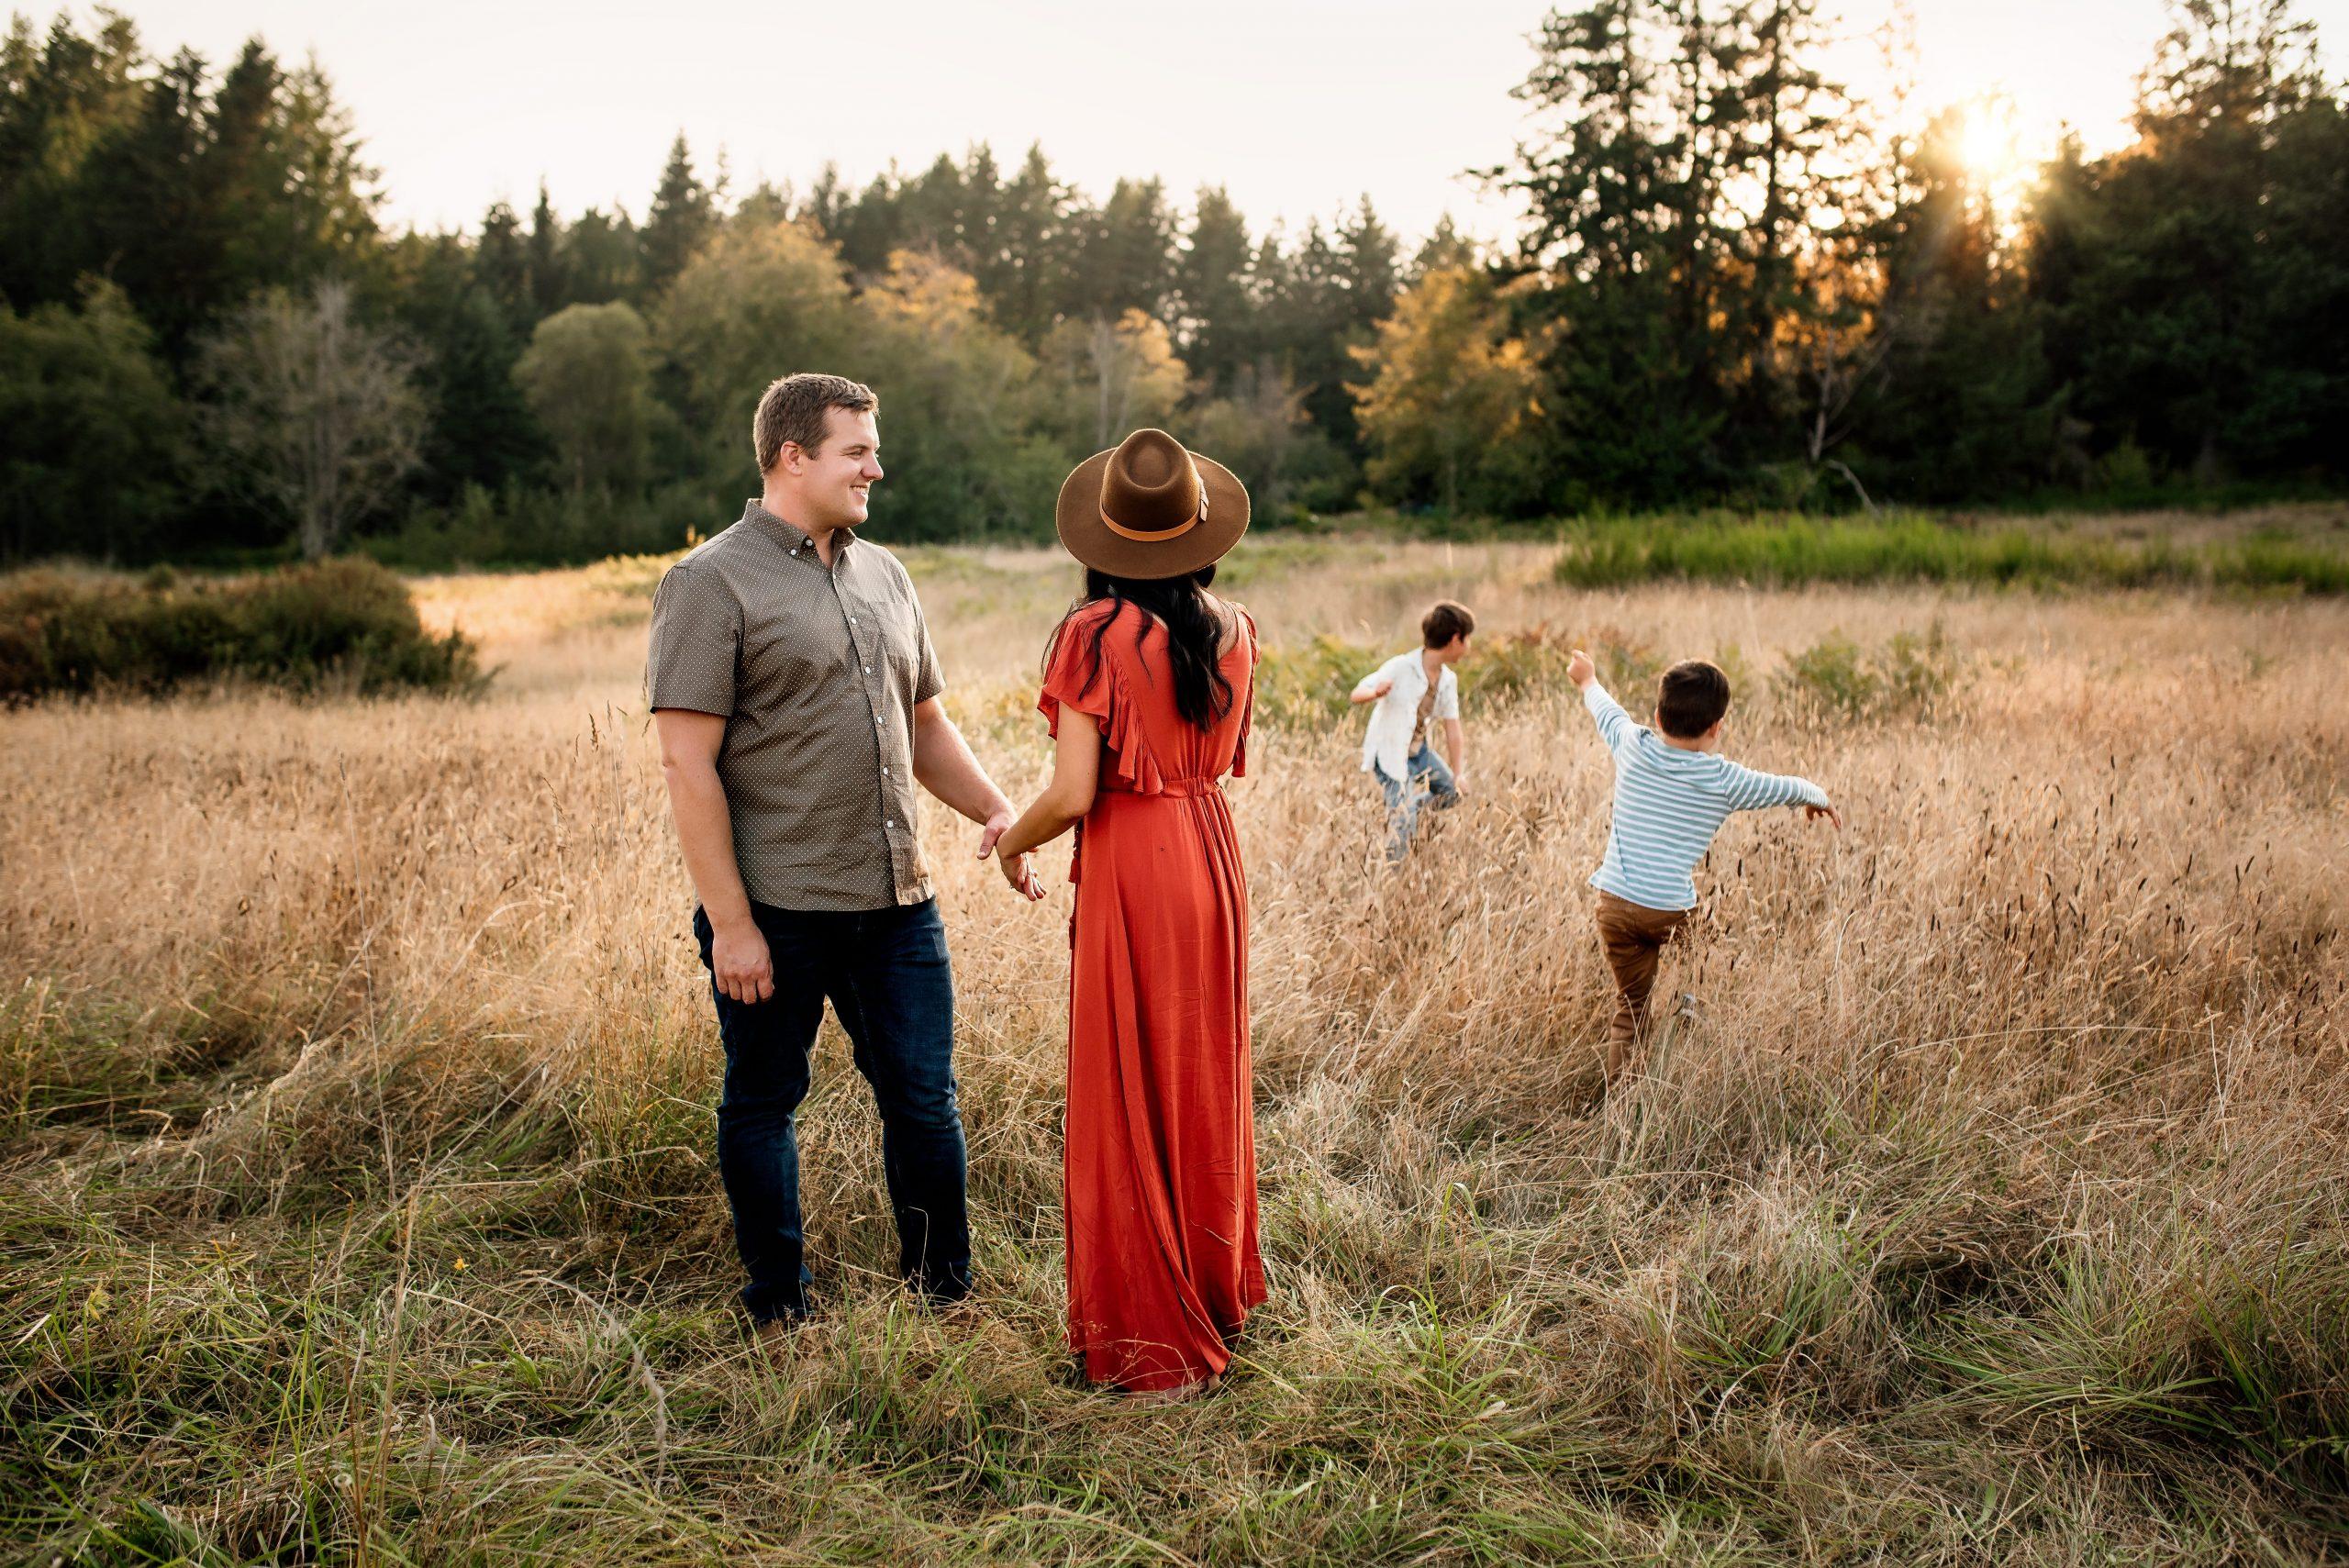 gig harbor family lifestyle photographer, outdoor family photos, affordable photography